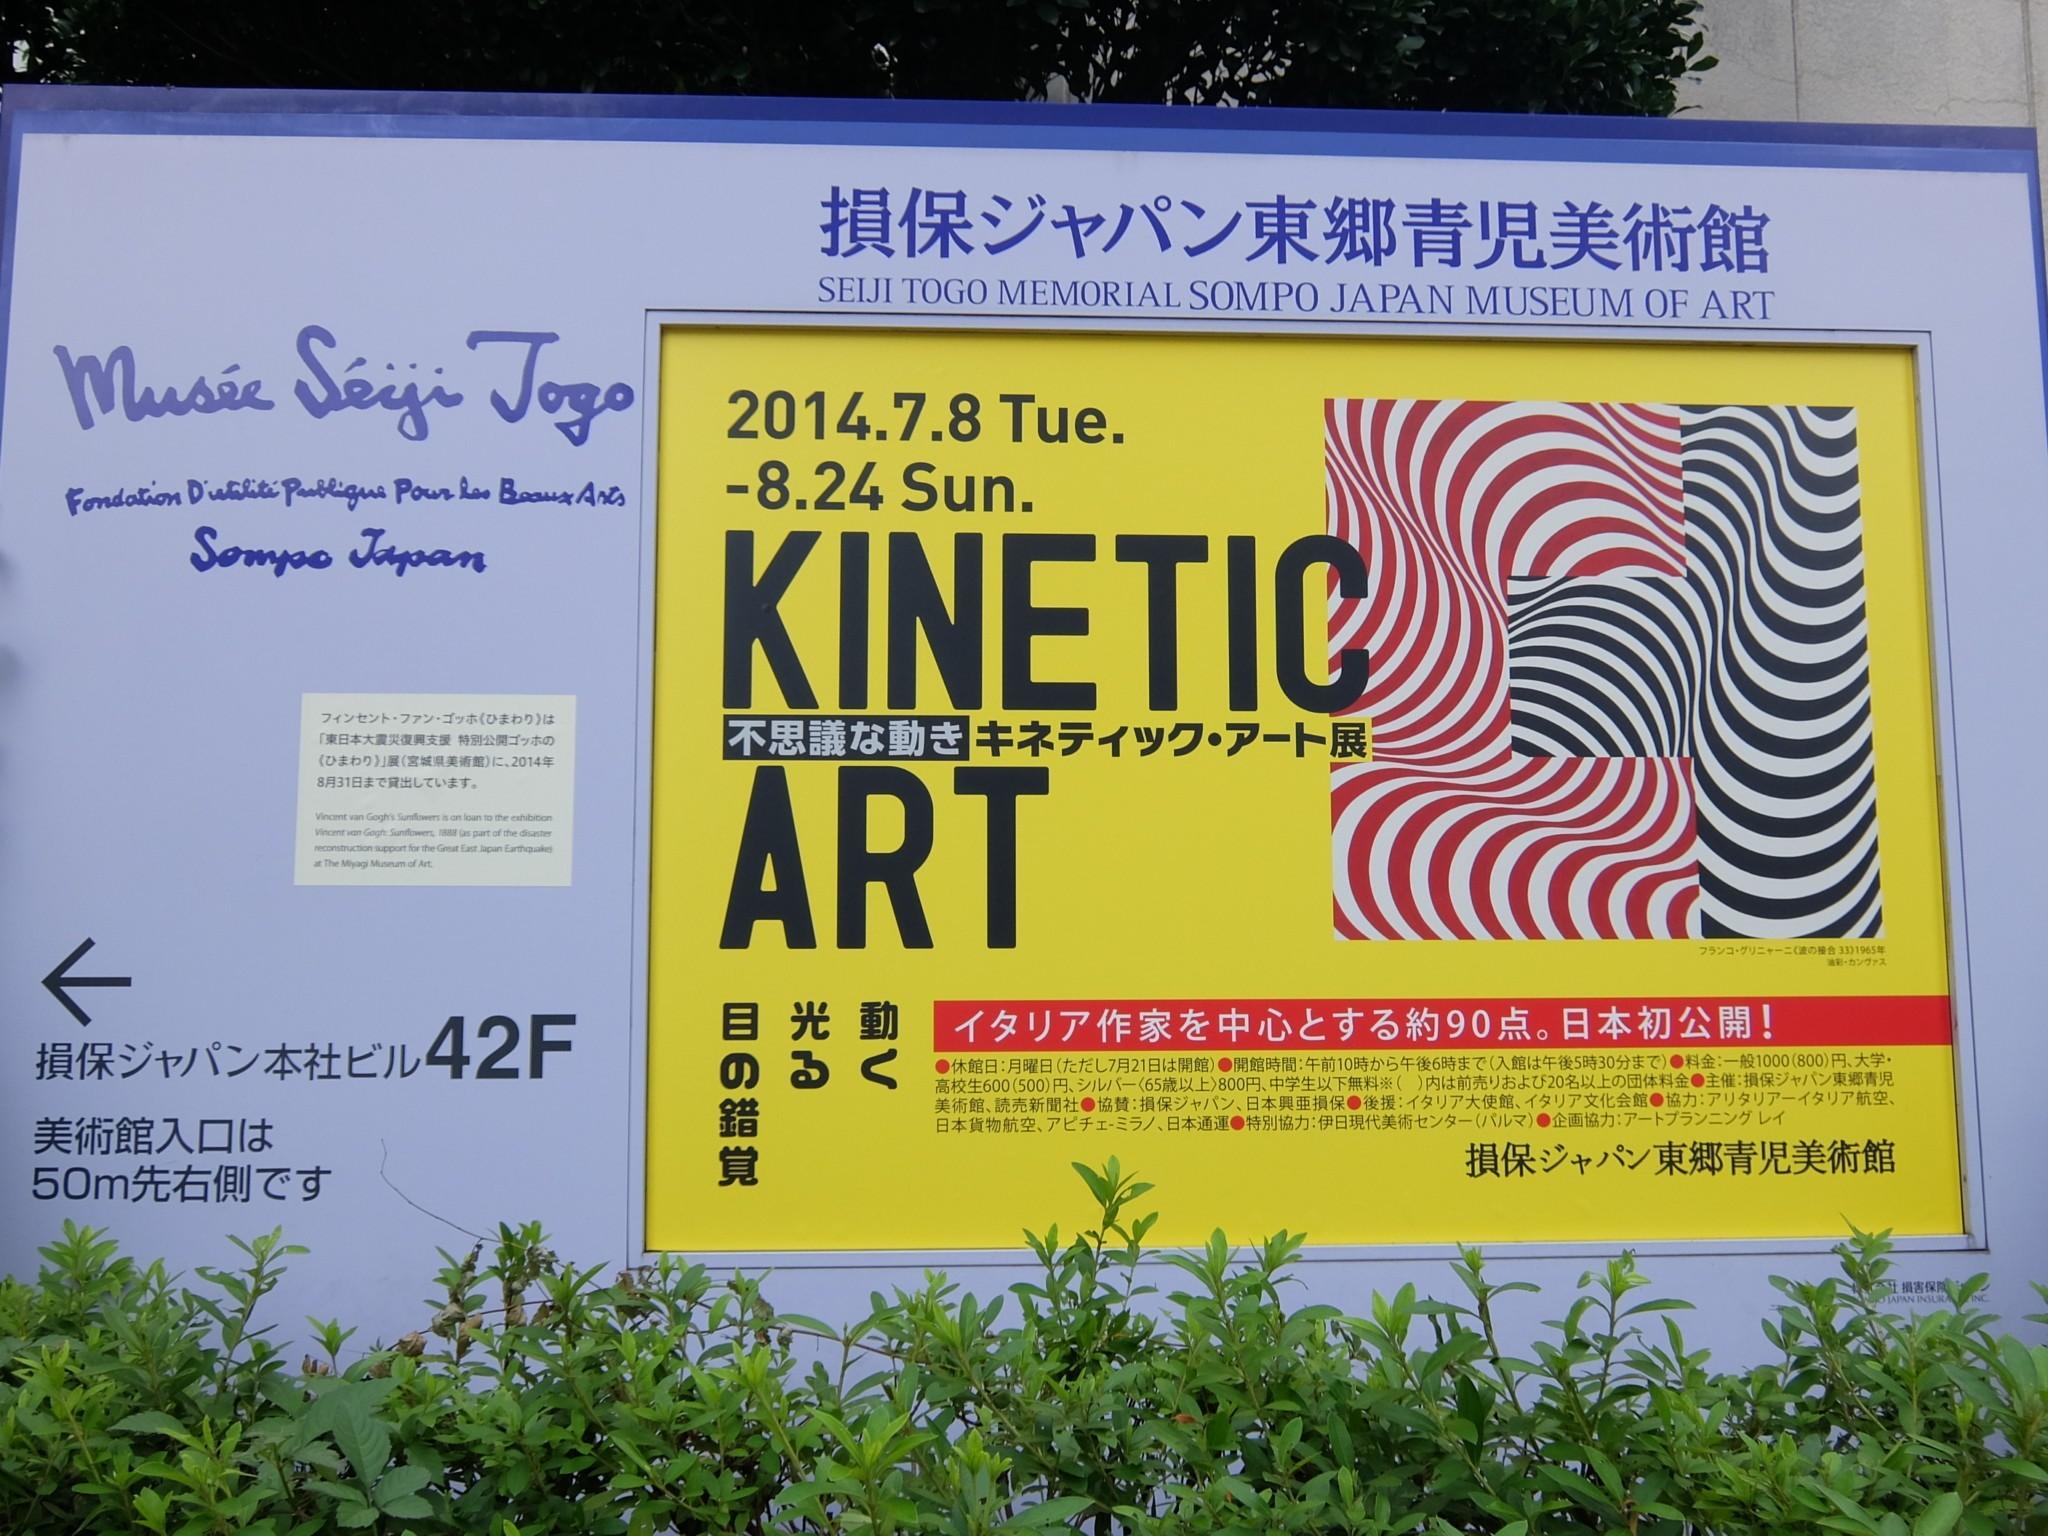 不思議な動き キネティック・アート展